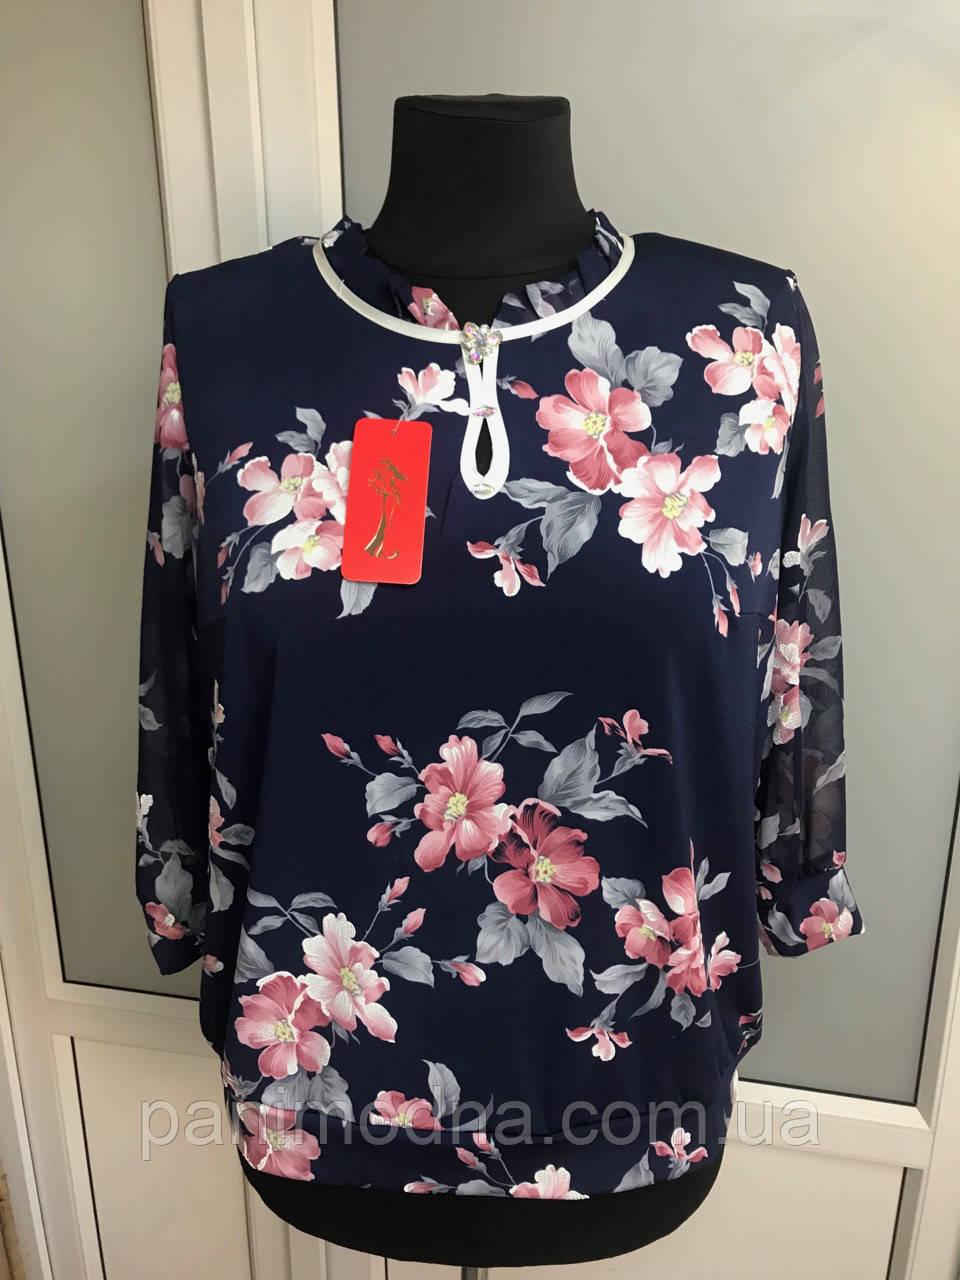 """Блуза женская  """"Панночка"""". От производителя - швейная фабрика."""